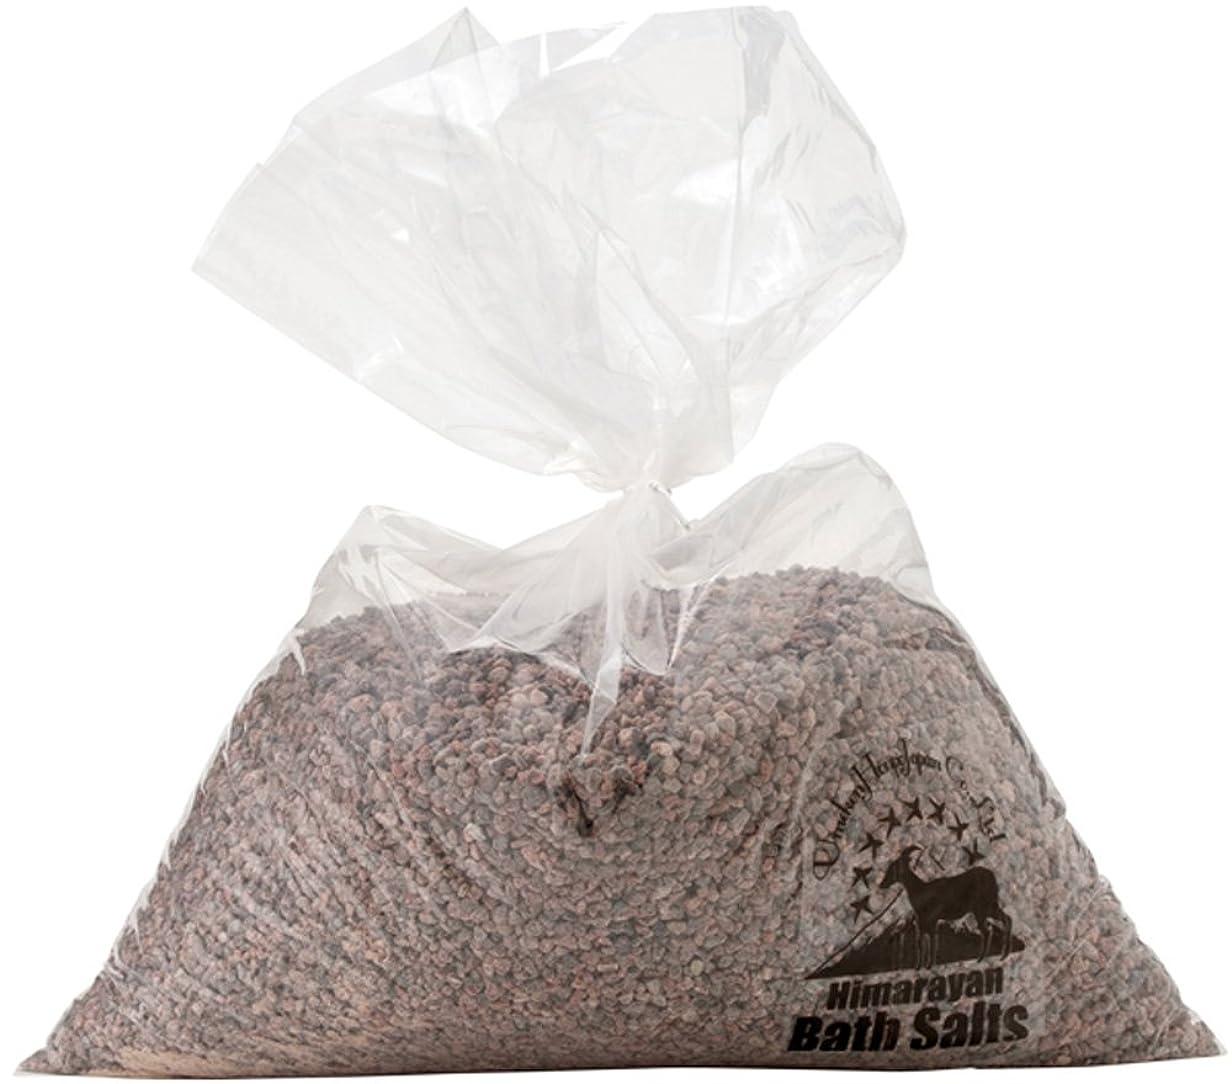 研究所ラジエーター海賊ヒマラヤ岩塩 バスソルト ブラック 小粒 5kg